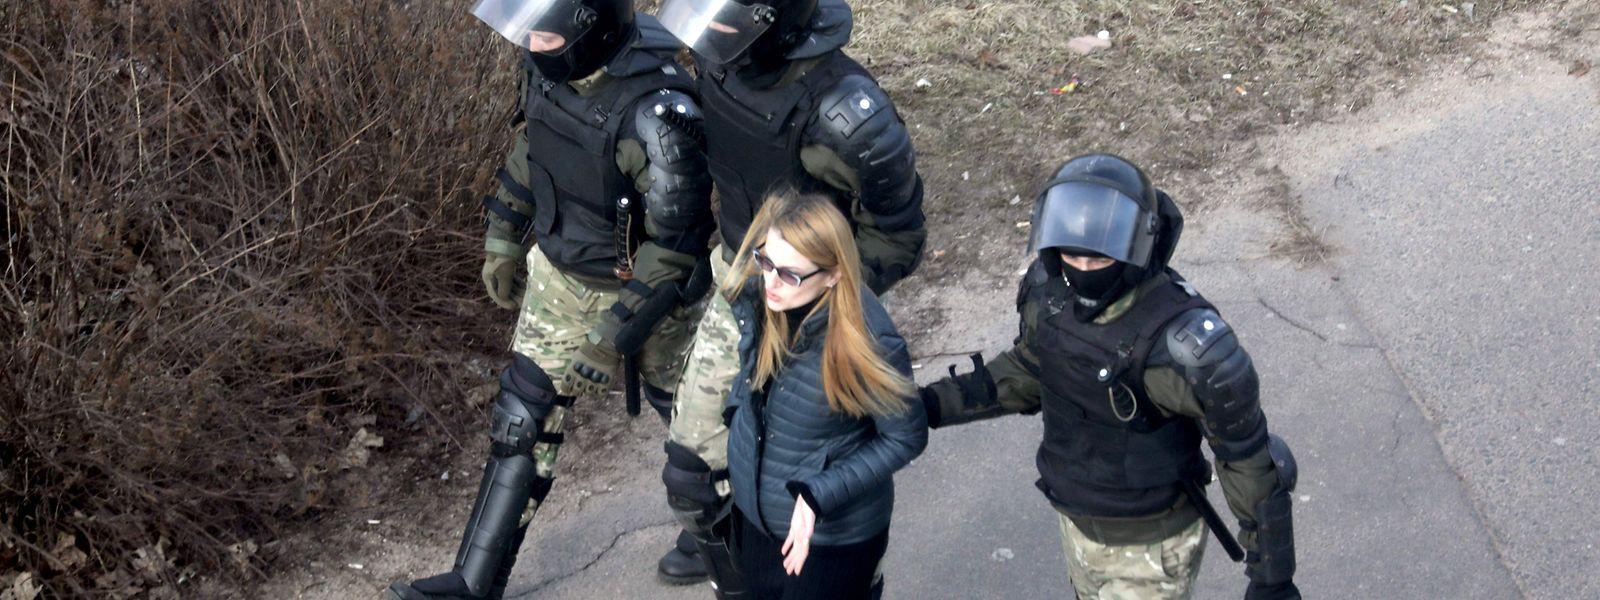 Seit der Präsidentenwahl am 9. August gehen die Menschen in Belarus gegen Präsident Lukaschenko auf die Straße.